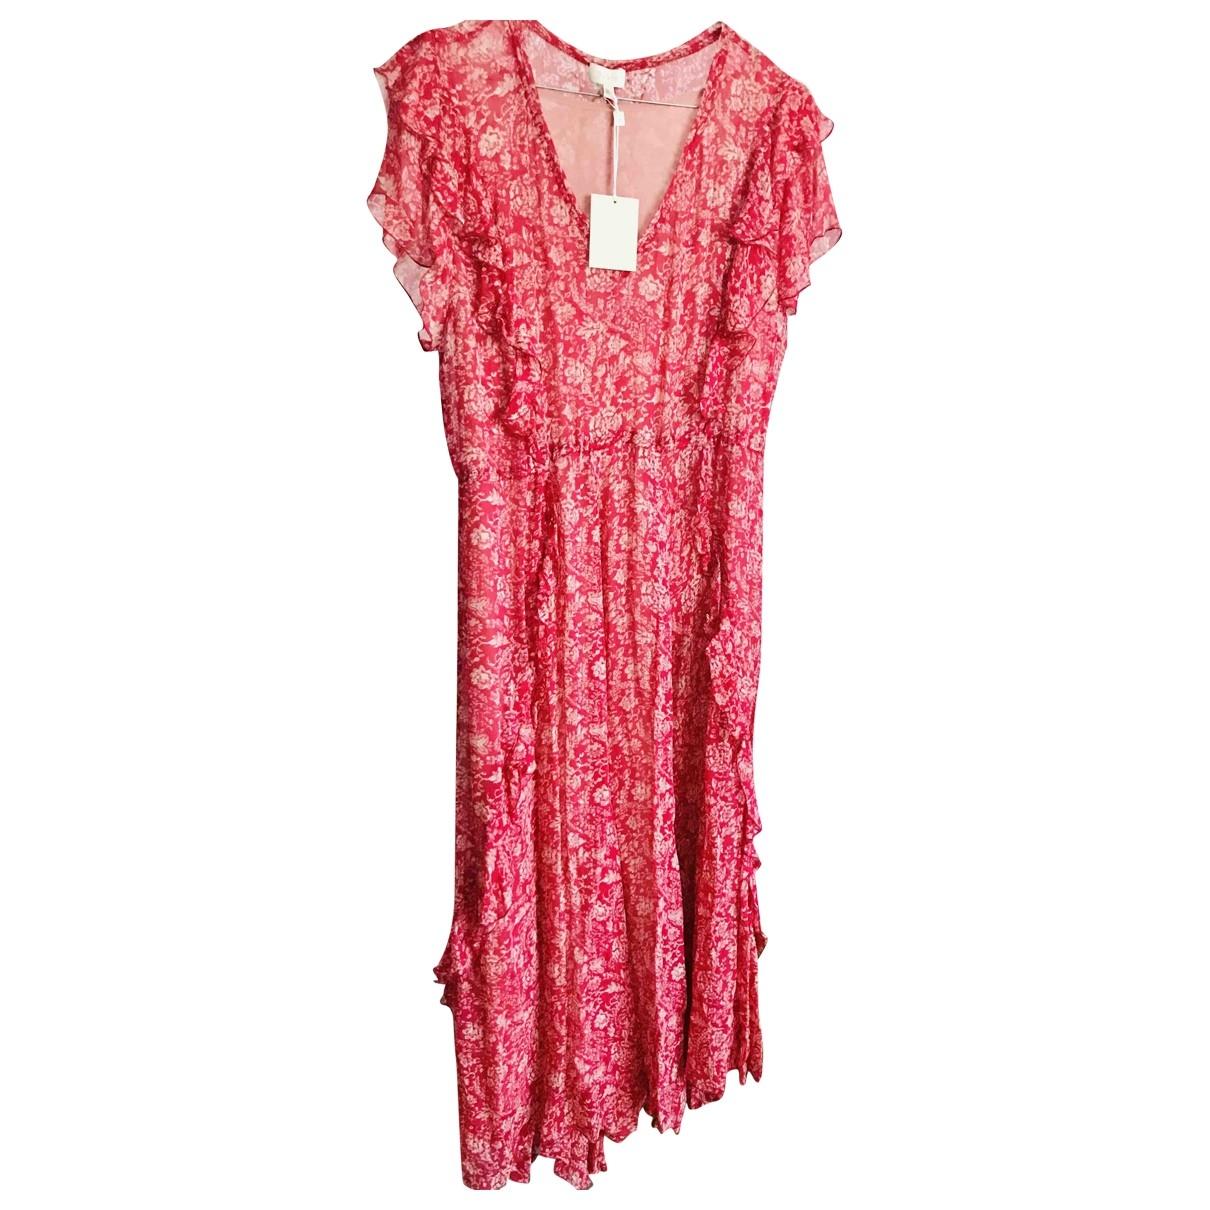 Pablo \N dress for Women 40 FR